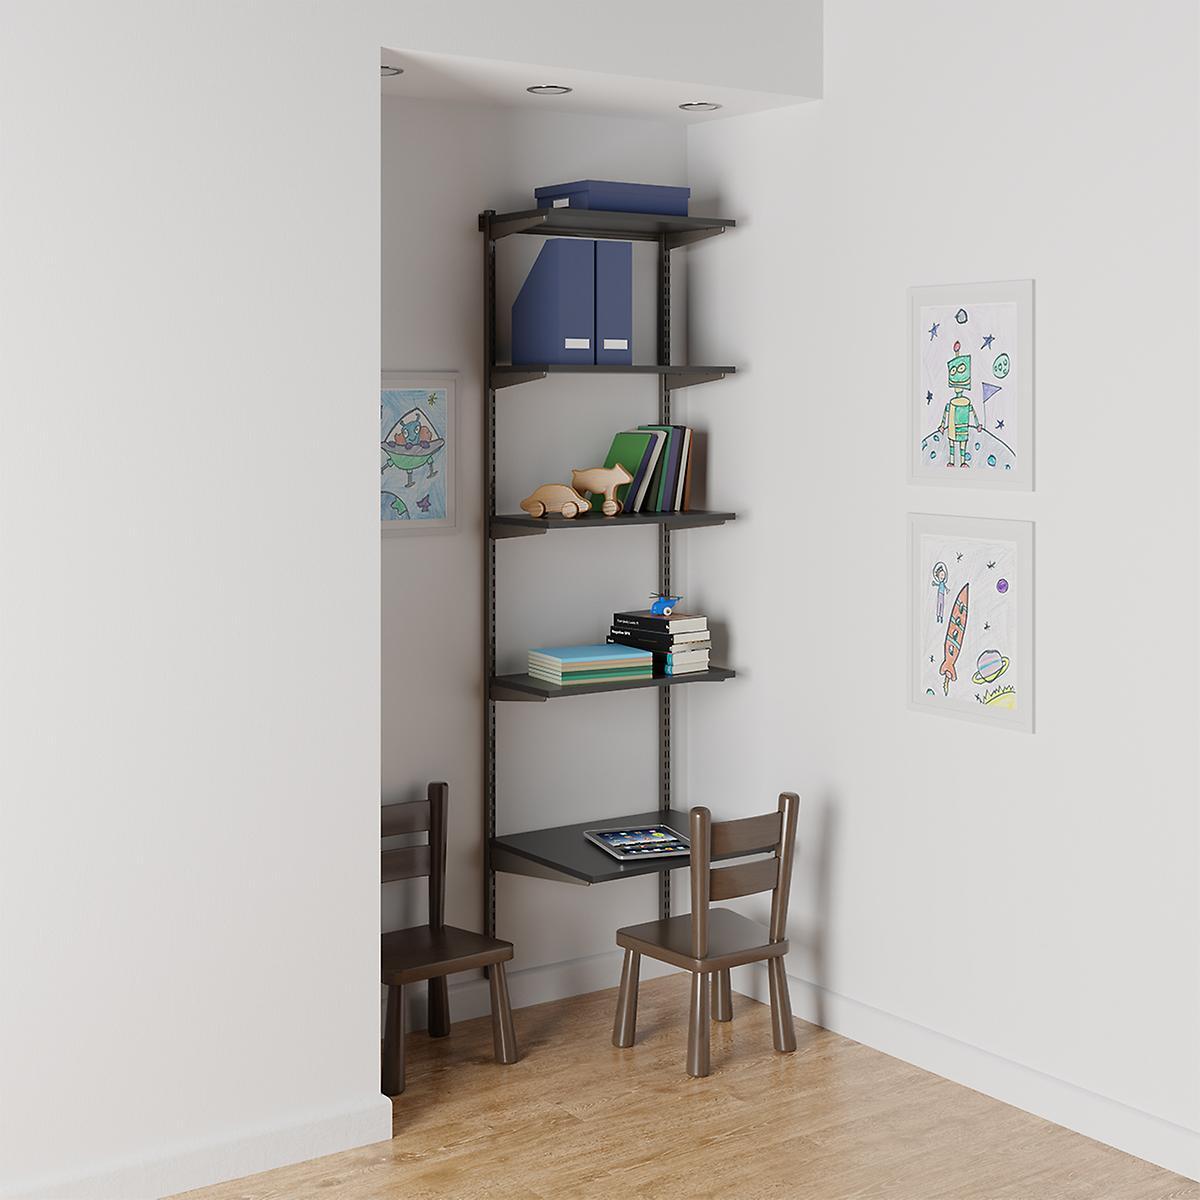 Elfa Slate & Graphite Kids' Study Nook